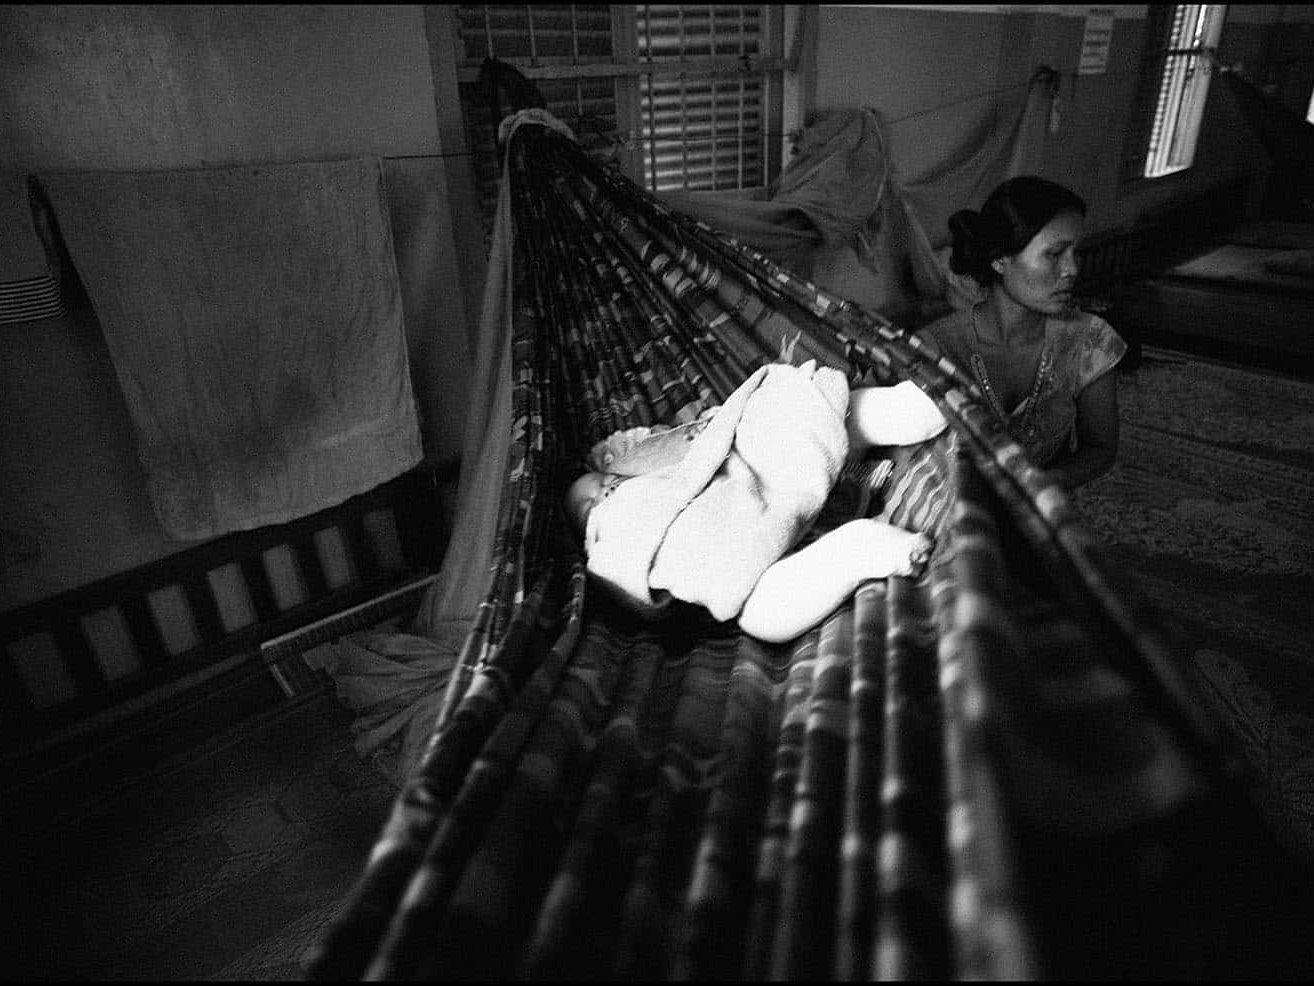 vietnam photographer possible life binhdang 13